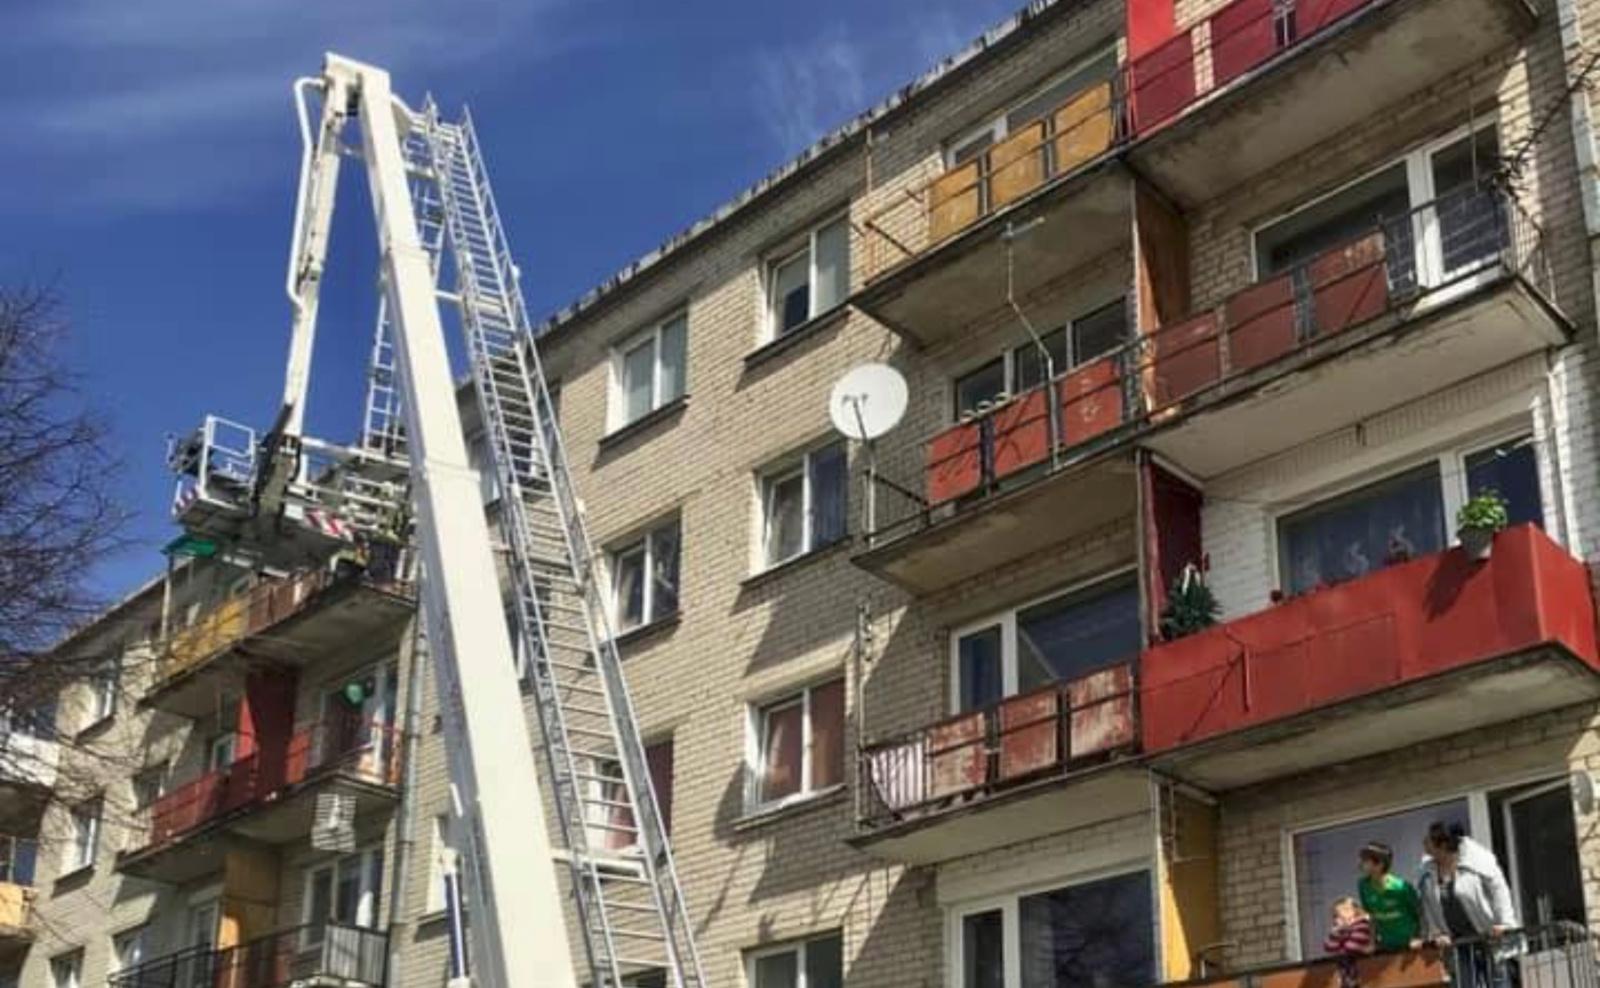 Kauno daugiabutyje – ventiliacijos angoje įstrigusio kačiuko gelbėjimo operacija